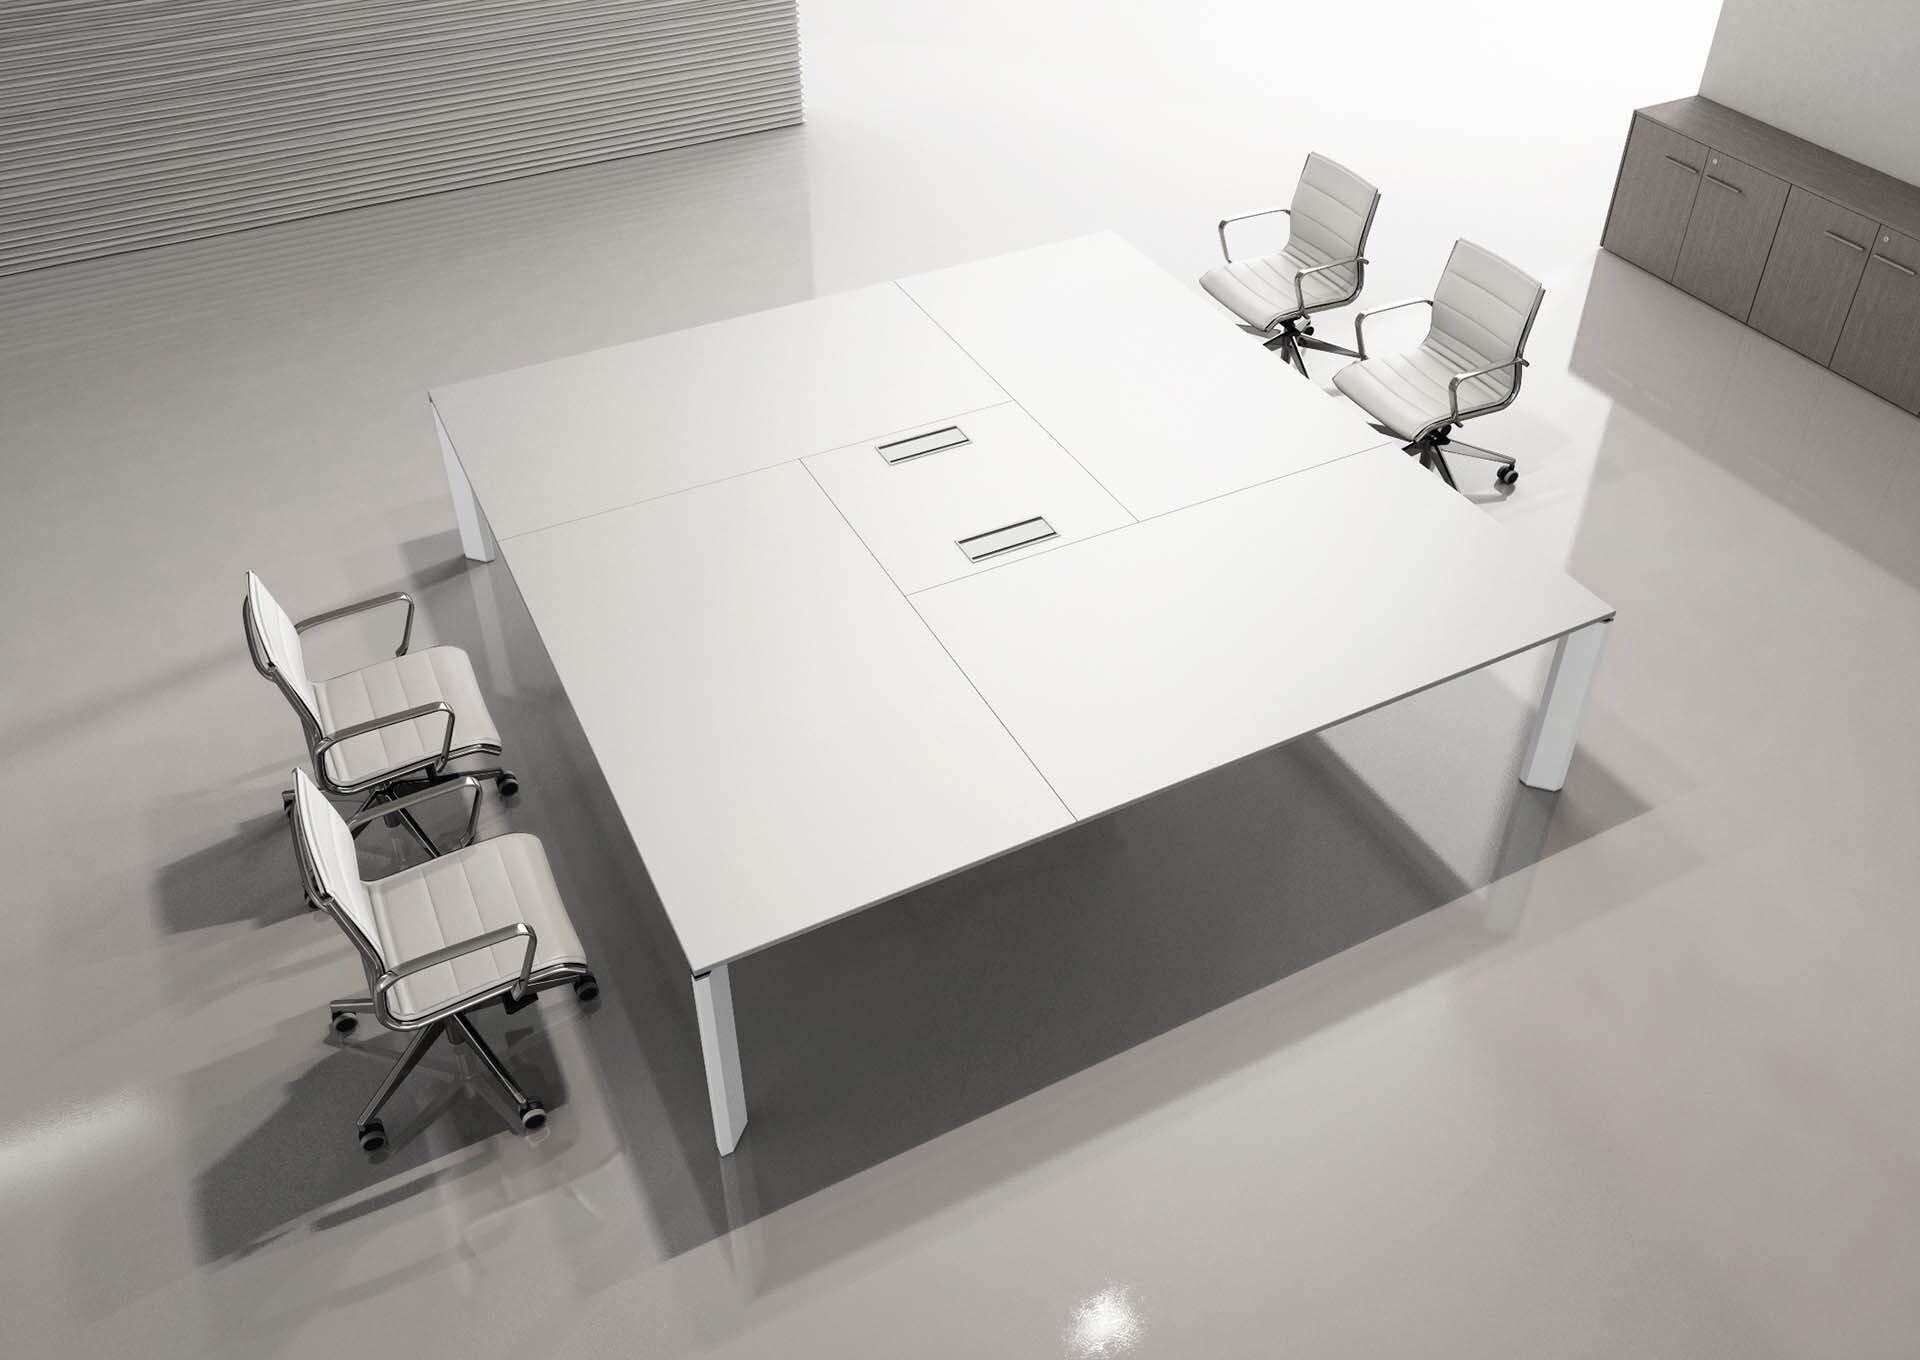 tavolo-riunione-passacavi.jpg